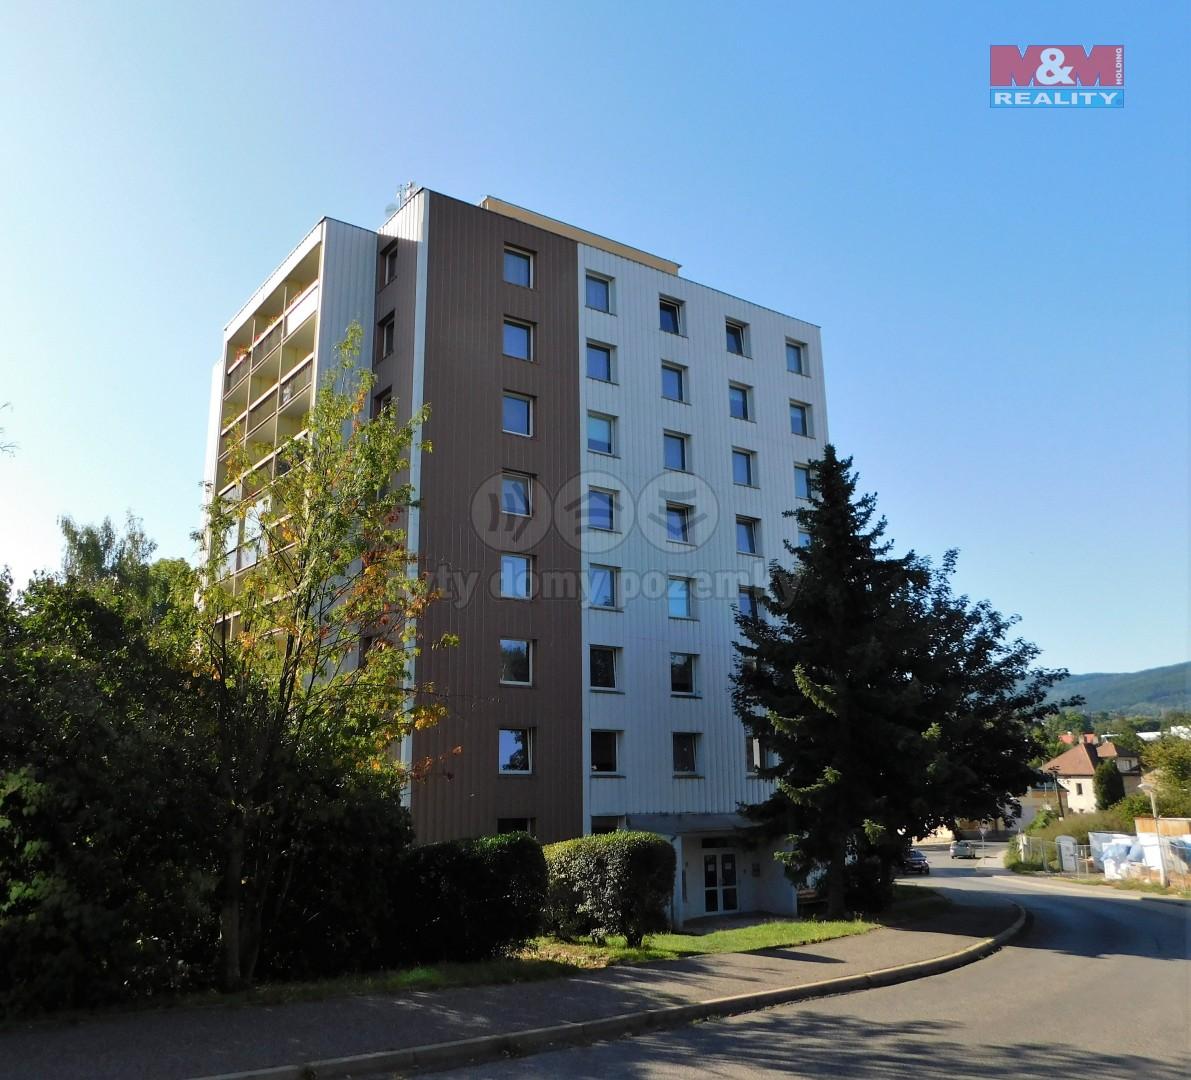 Prodej, byt 2+1, 56 m², Liberec, ul. Jáchymovská